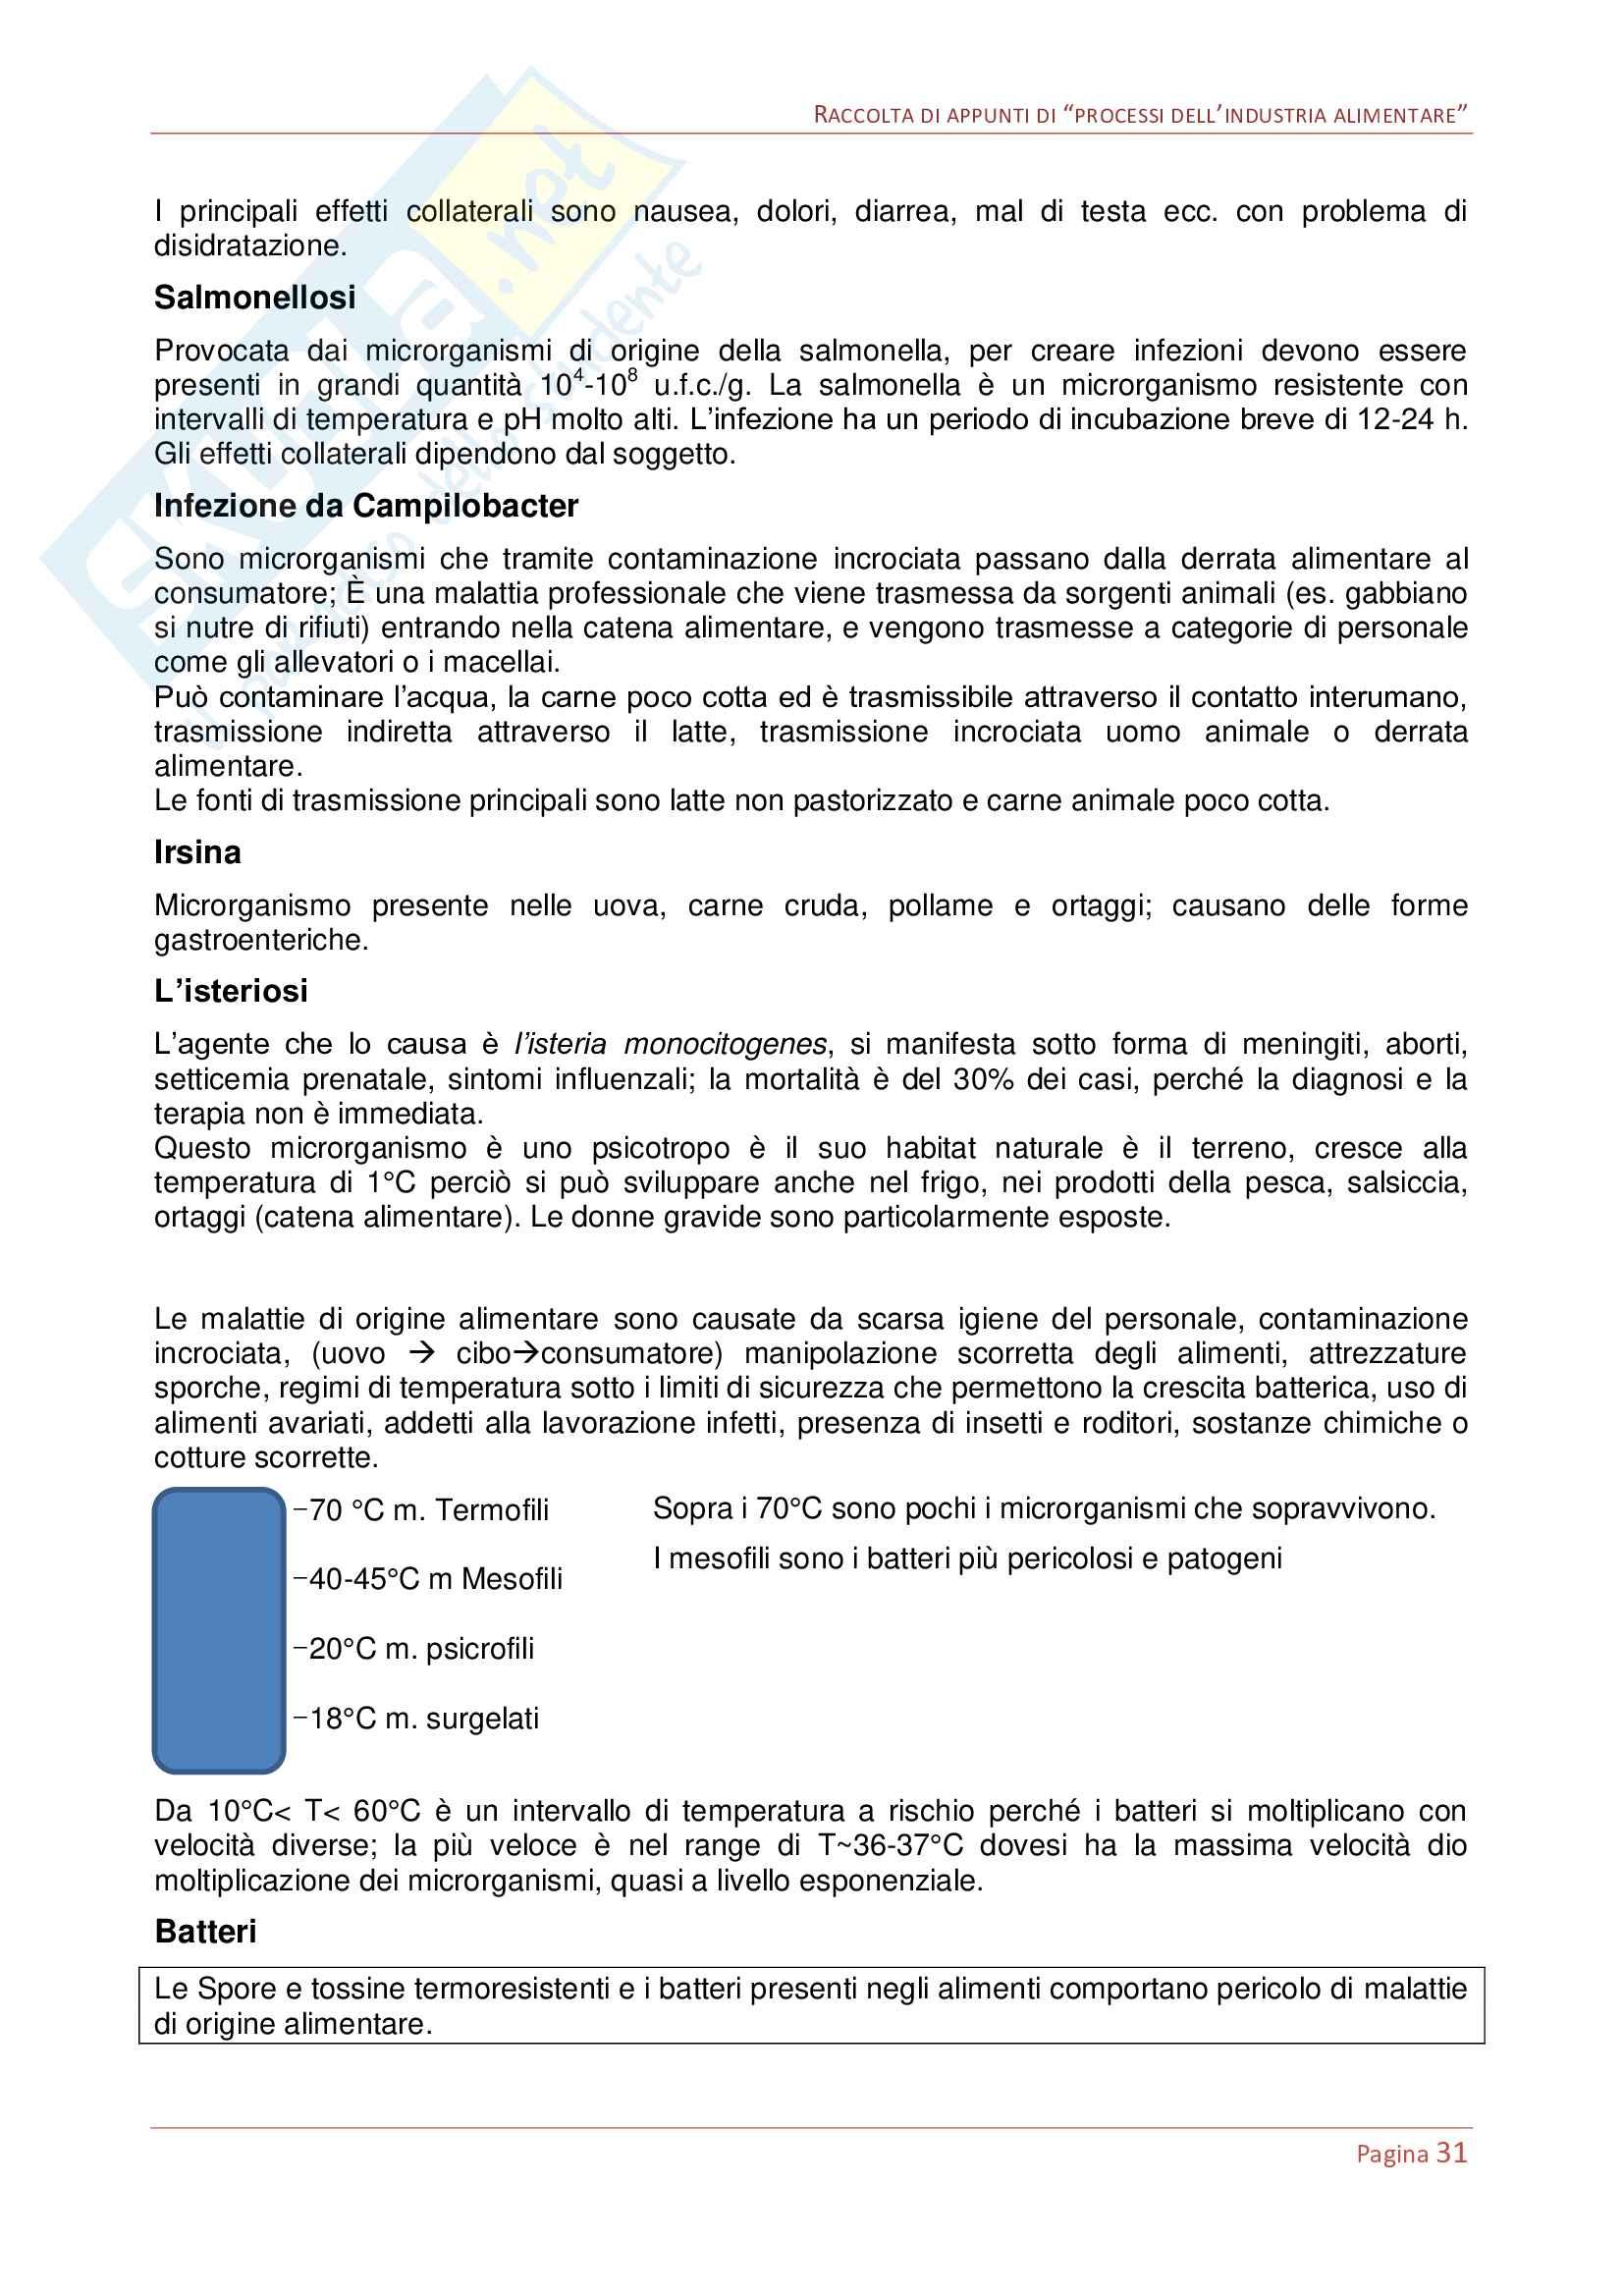 Processi dell'industria alimentare Pag. 31